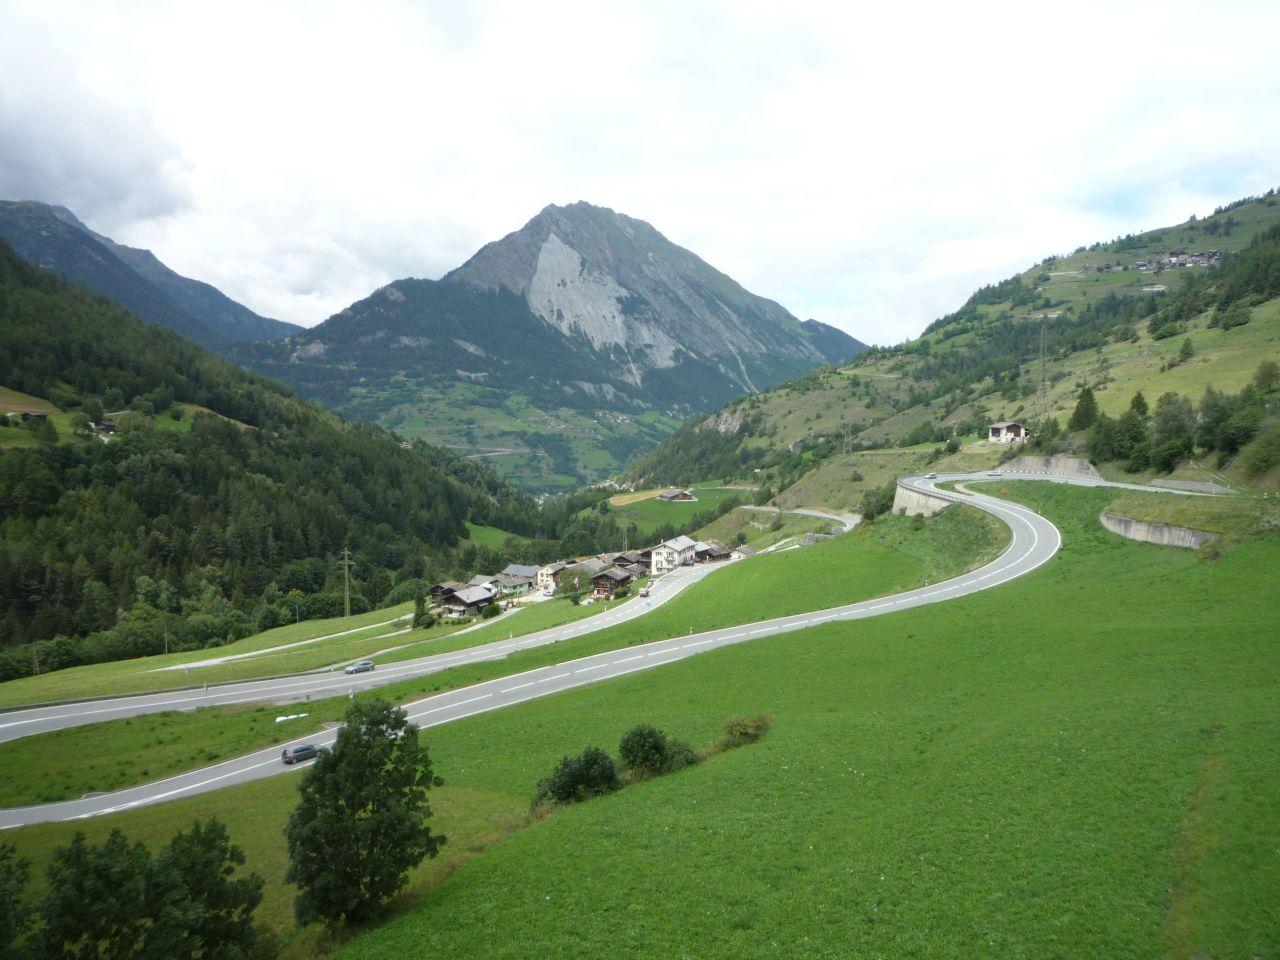 Einstieg zum Col de Grand Saint-Bernard kurz hinter Orsières nach 130 km und 2700 Höhenmetern Anfahrt